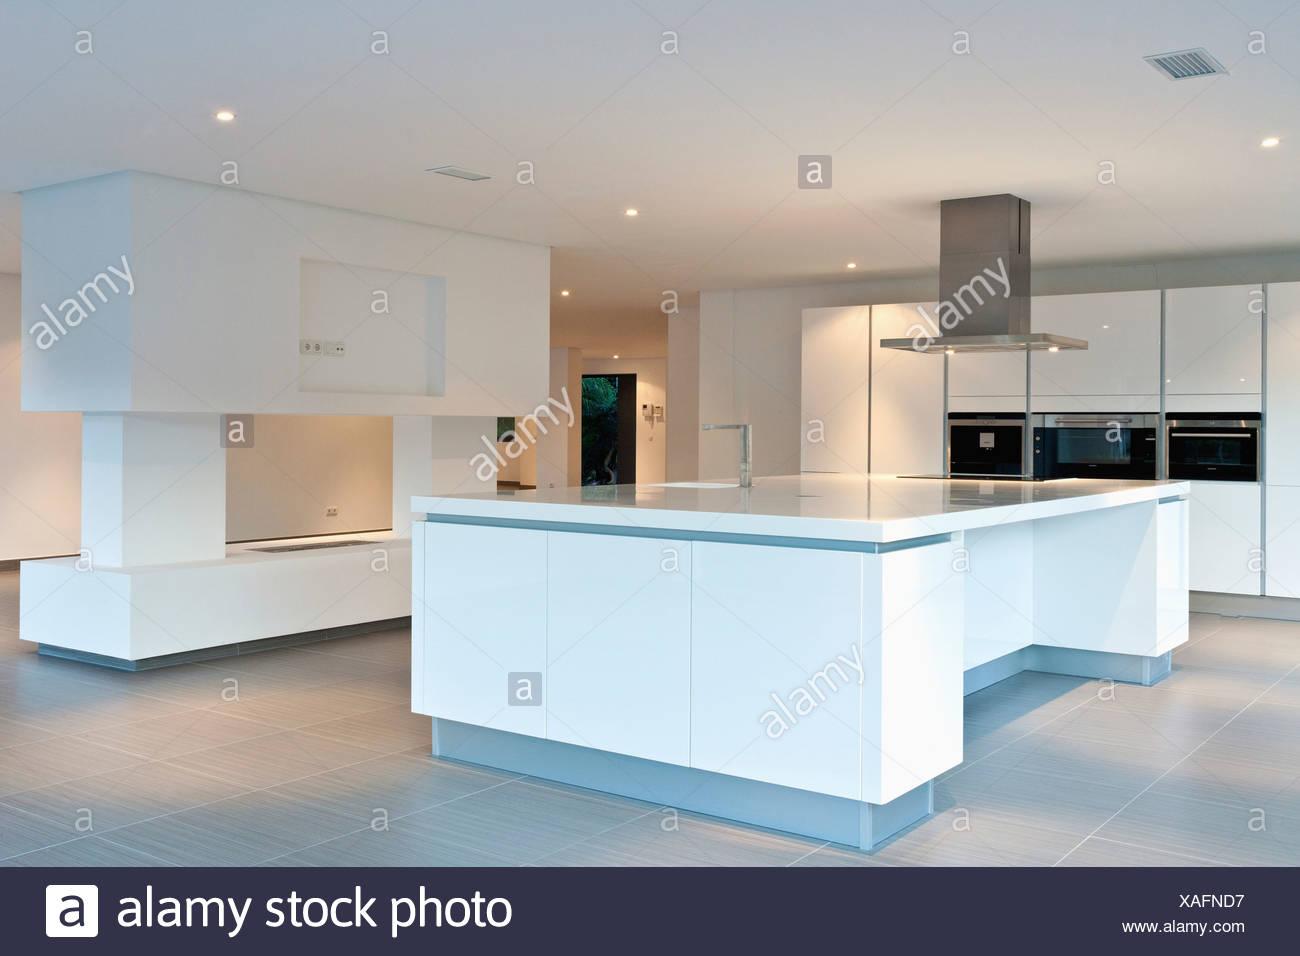 Dunstabzugshaube über Insel Gerät in großen leeren All-weiße Küche ...